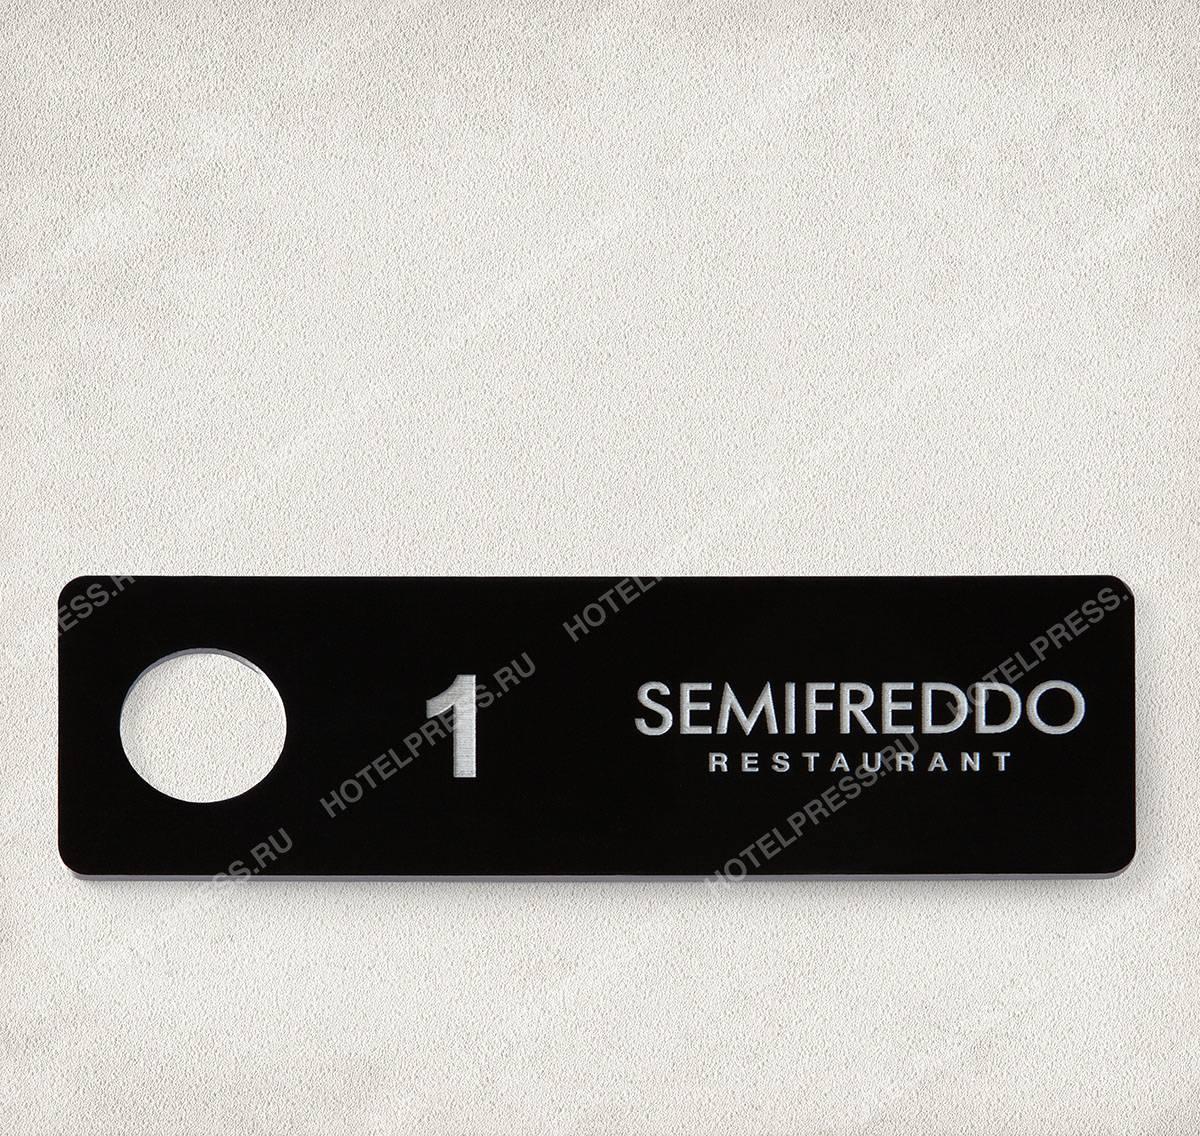 Гардеробный пластиковый номерок ресторана SEMIFREDDO